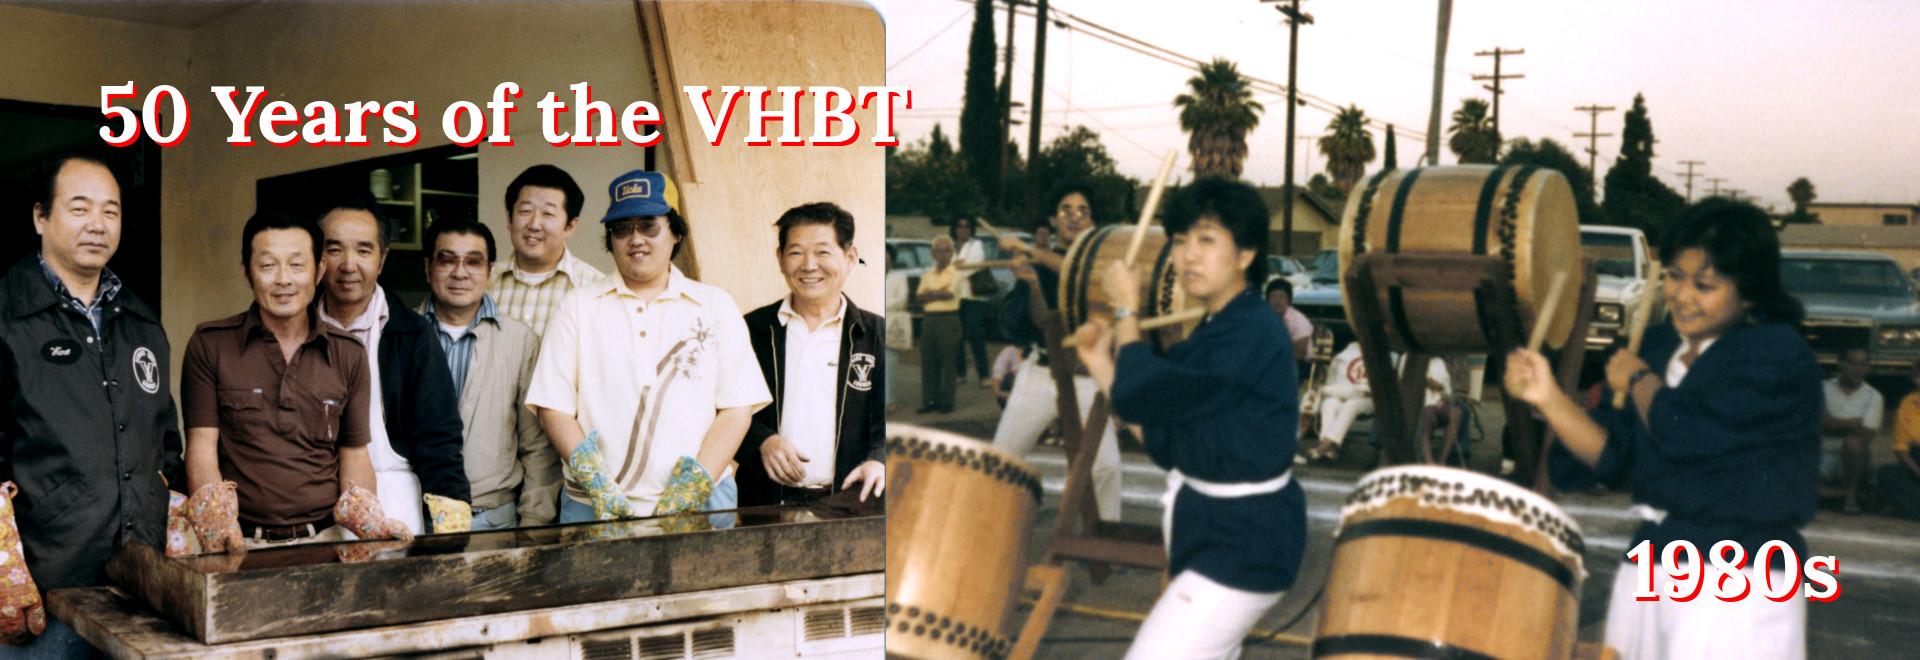 VHBT 1980s